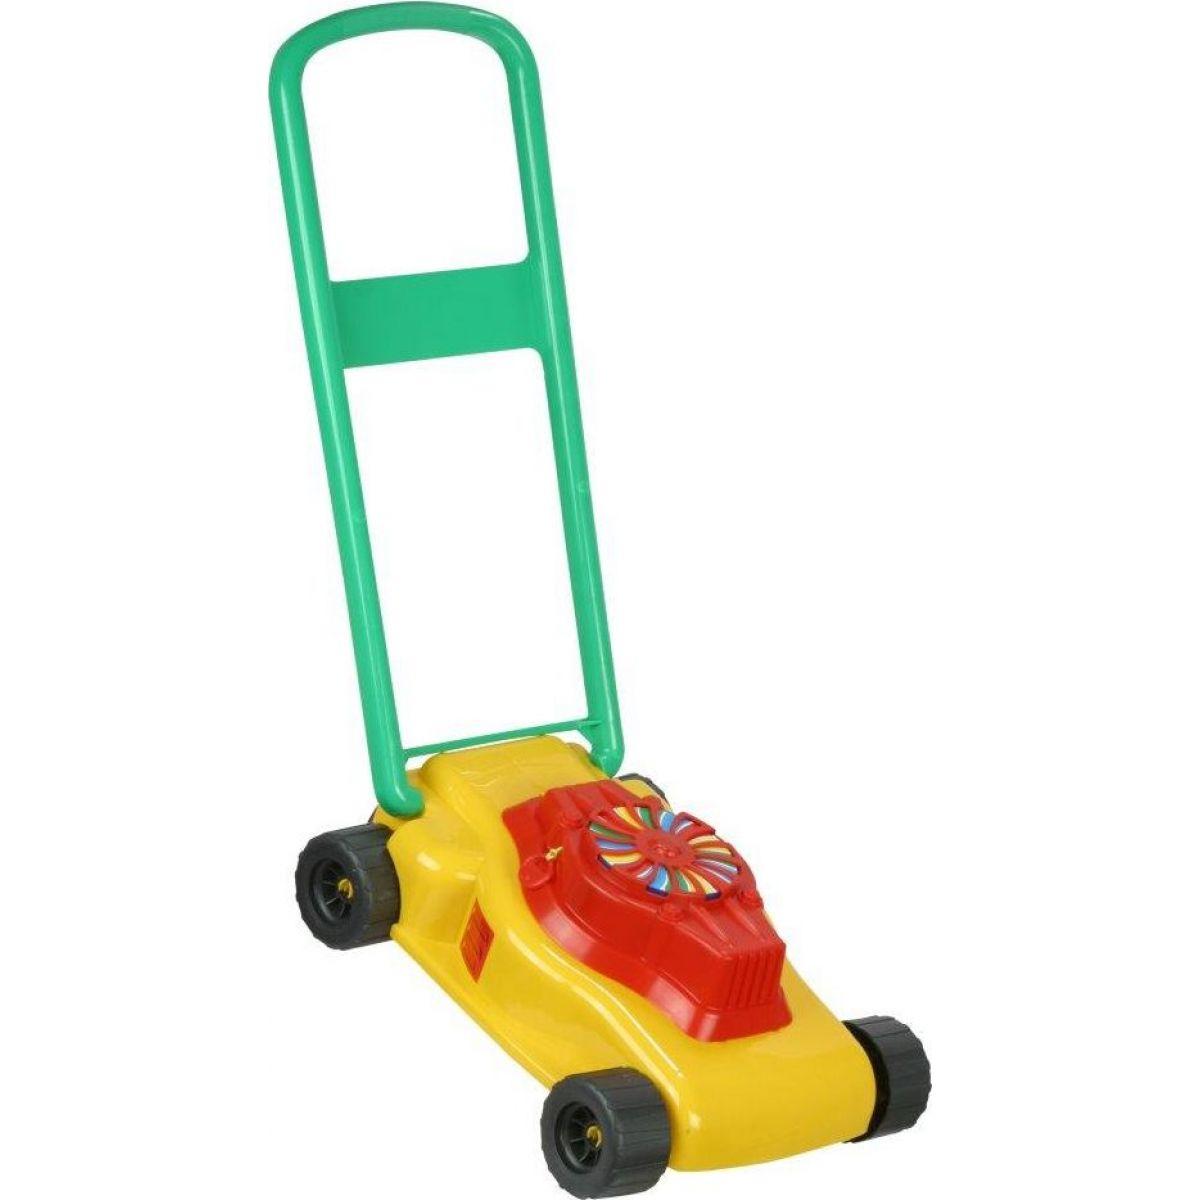 Toy dětská plastová sekačka s imitací motoru.jpg